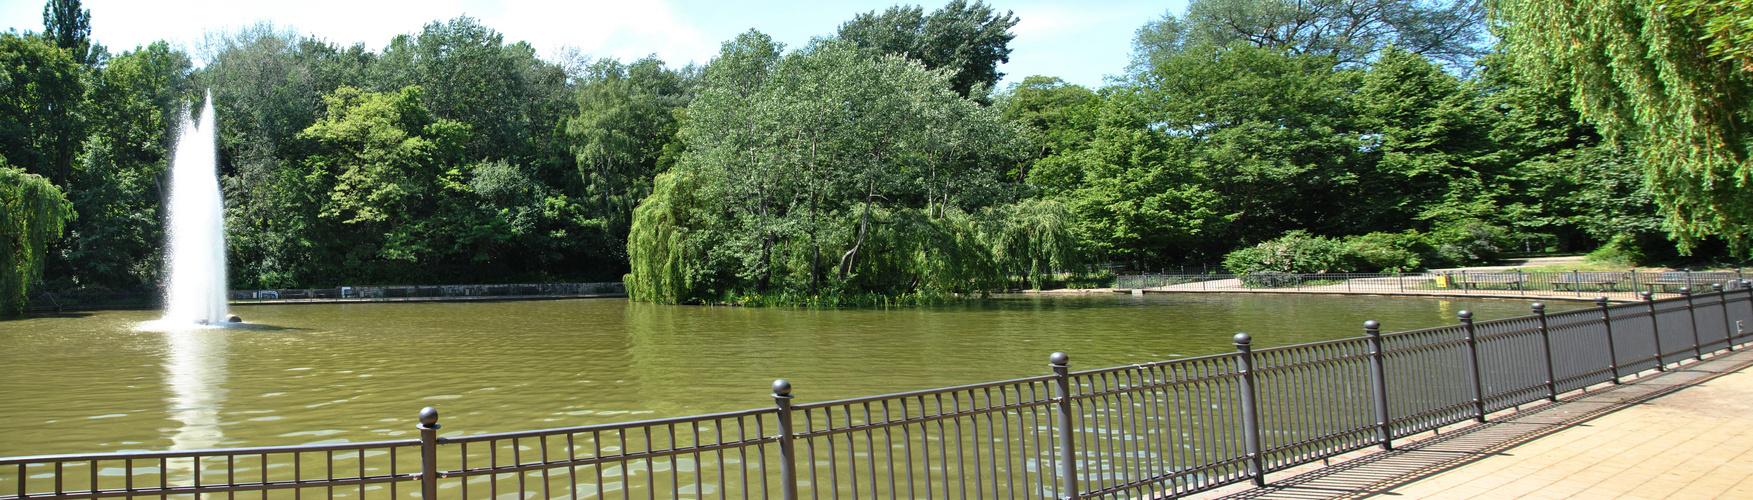 Park Friedrichshain